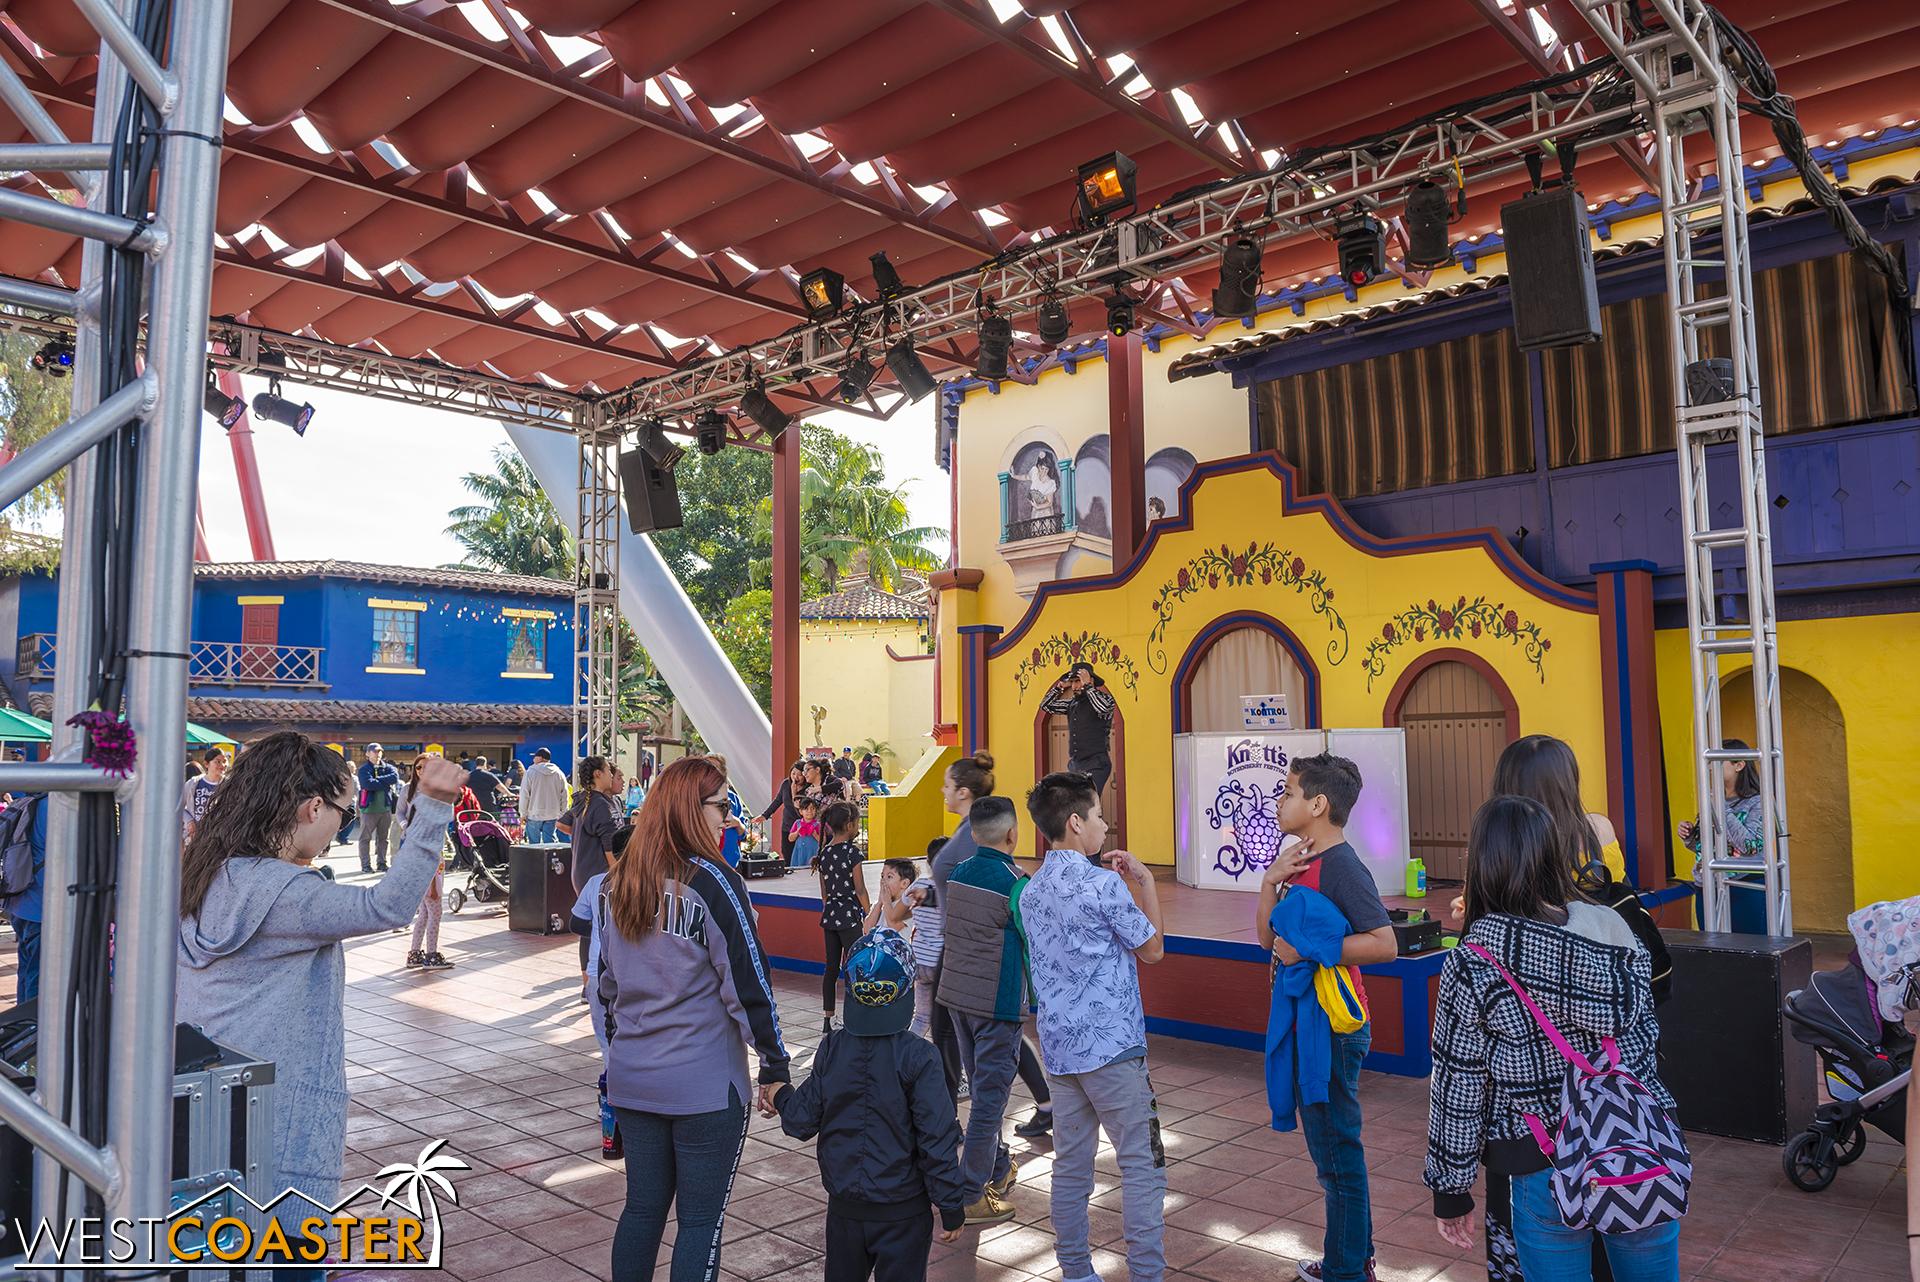 It's a dancing scene in Fiesta Village.